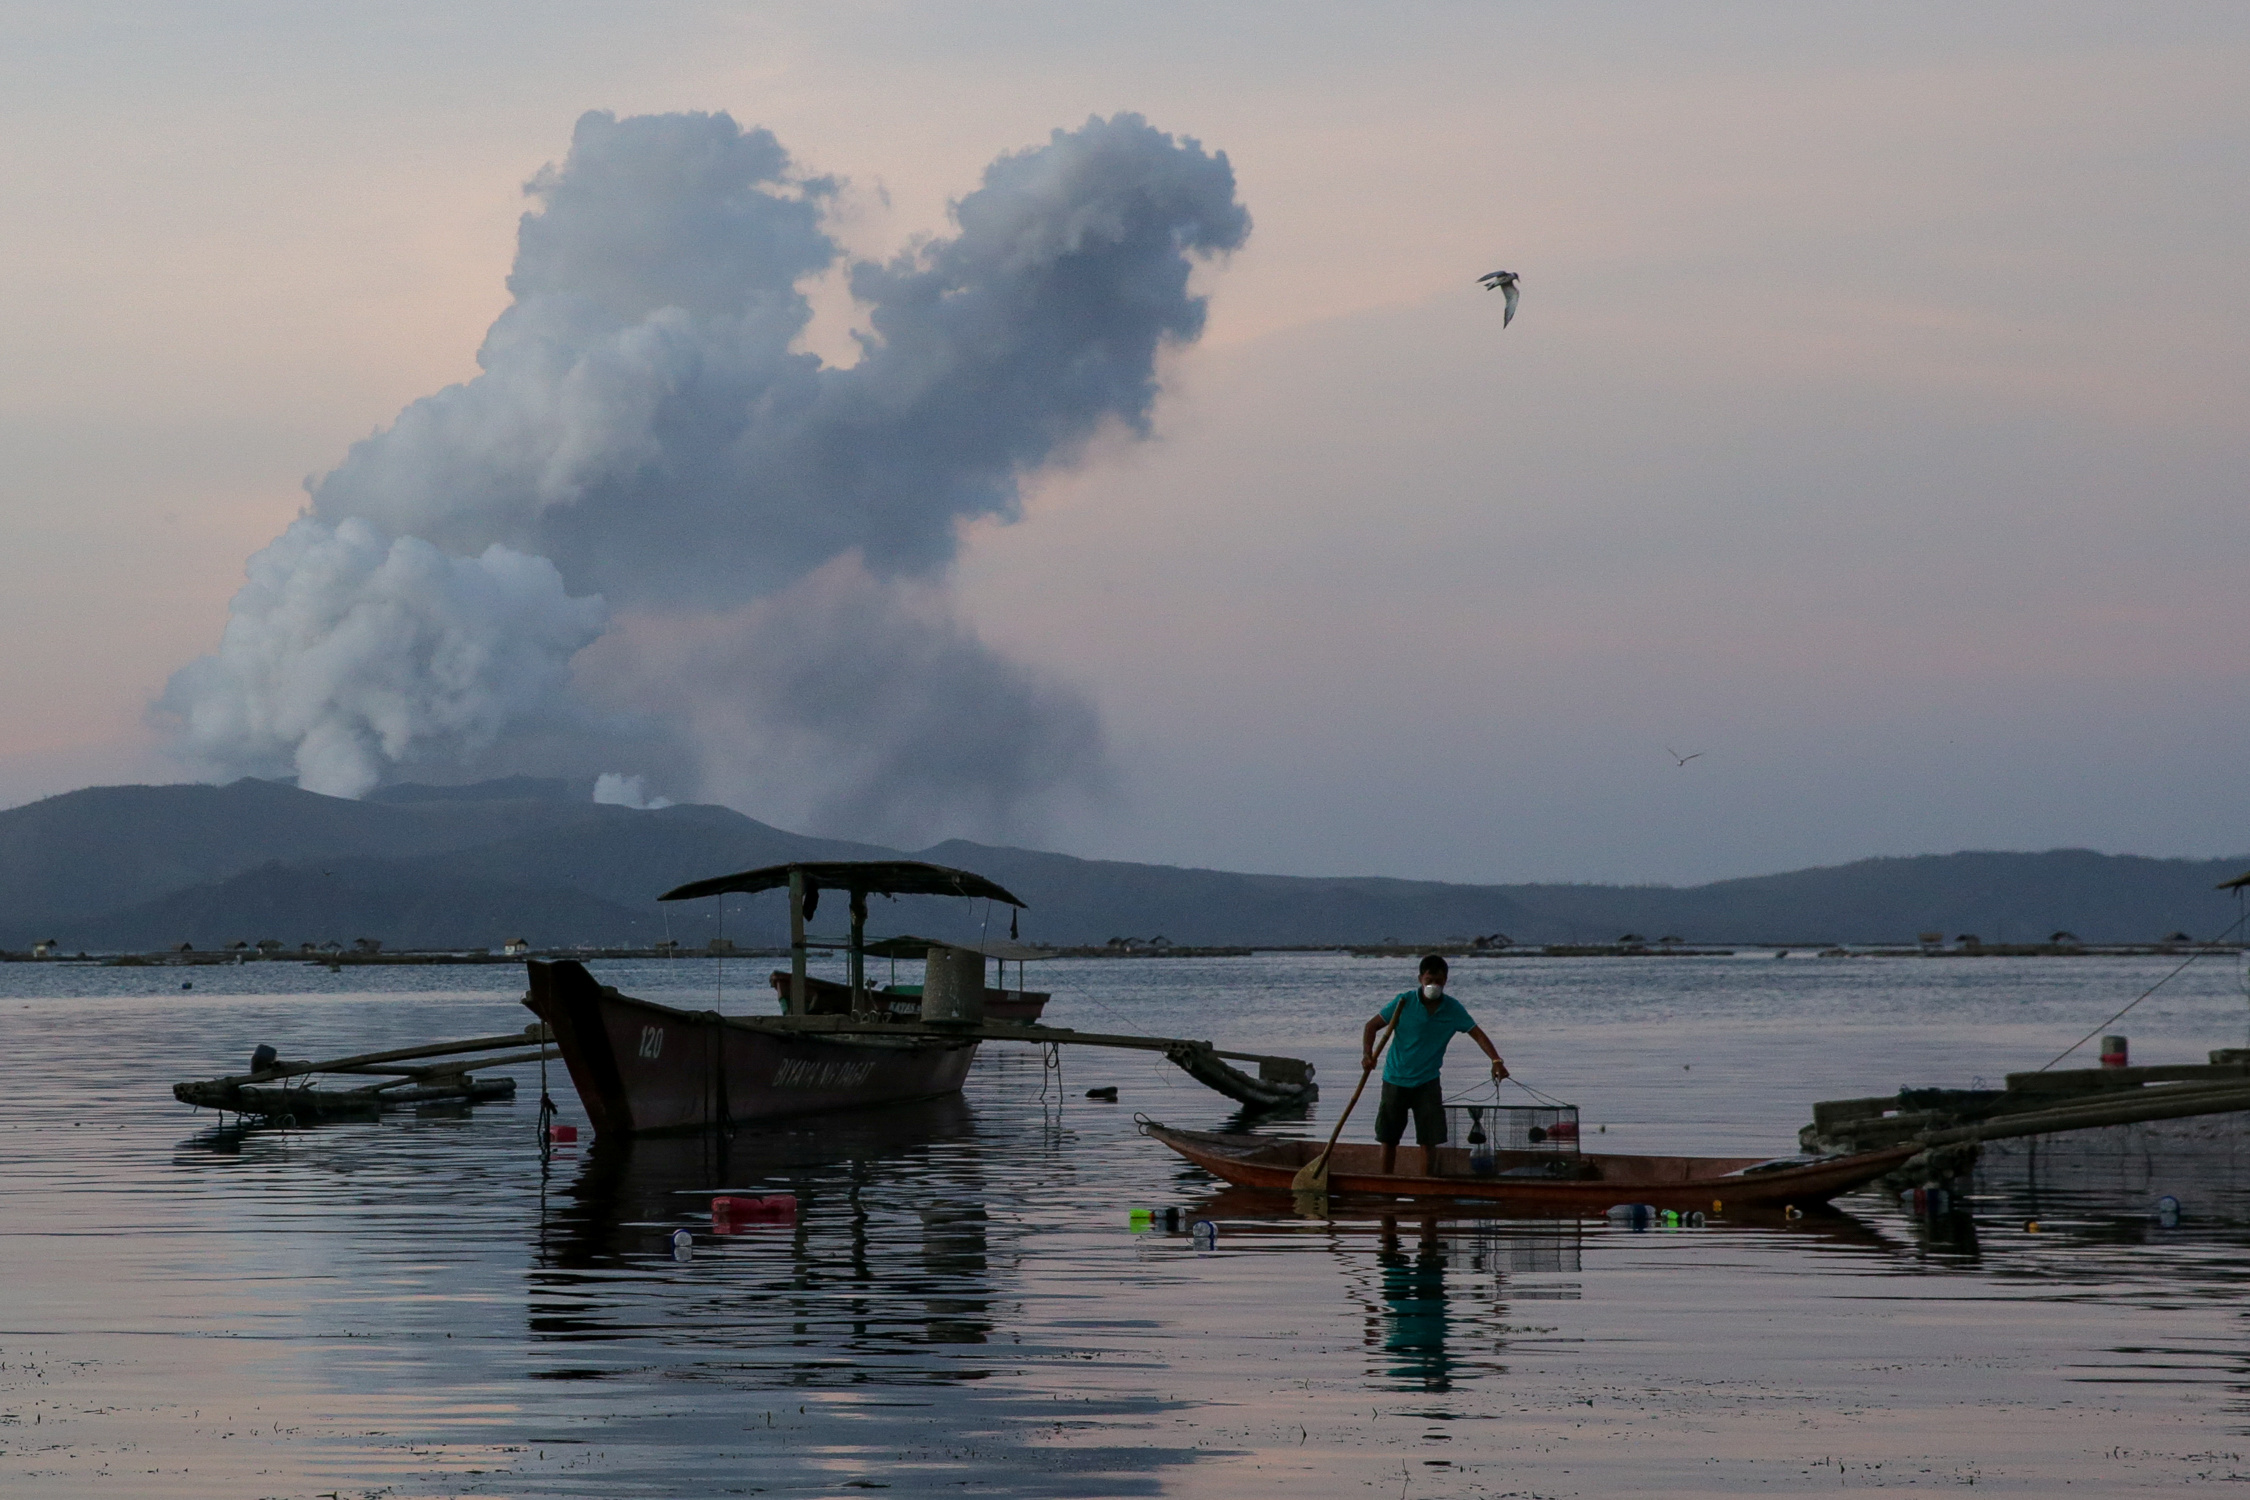 Un pescador captura peces mientras el Volcán Taal se erra continuamente en Talisay, Batangas, Filipinas, el 16 de enero de 2020. REUTERS / Eloisa Lopez